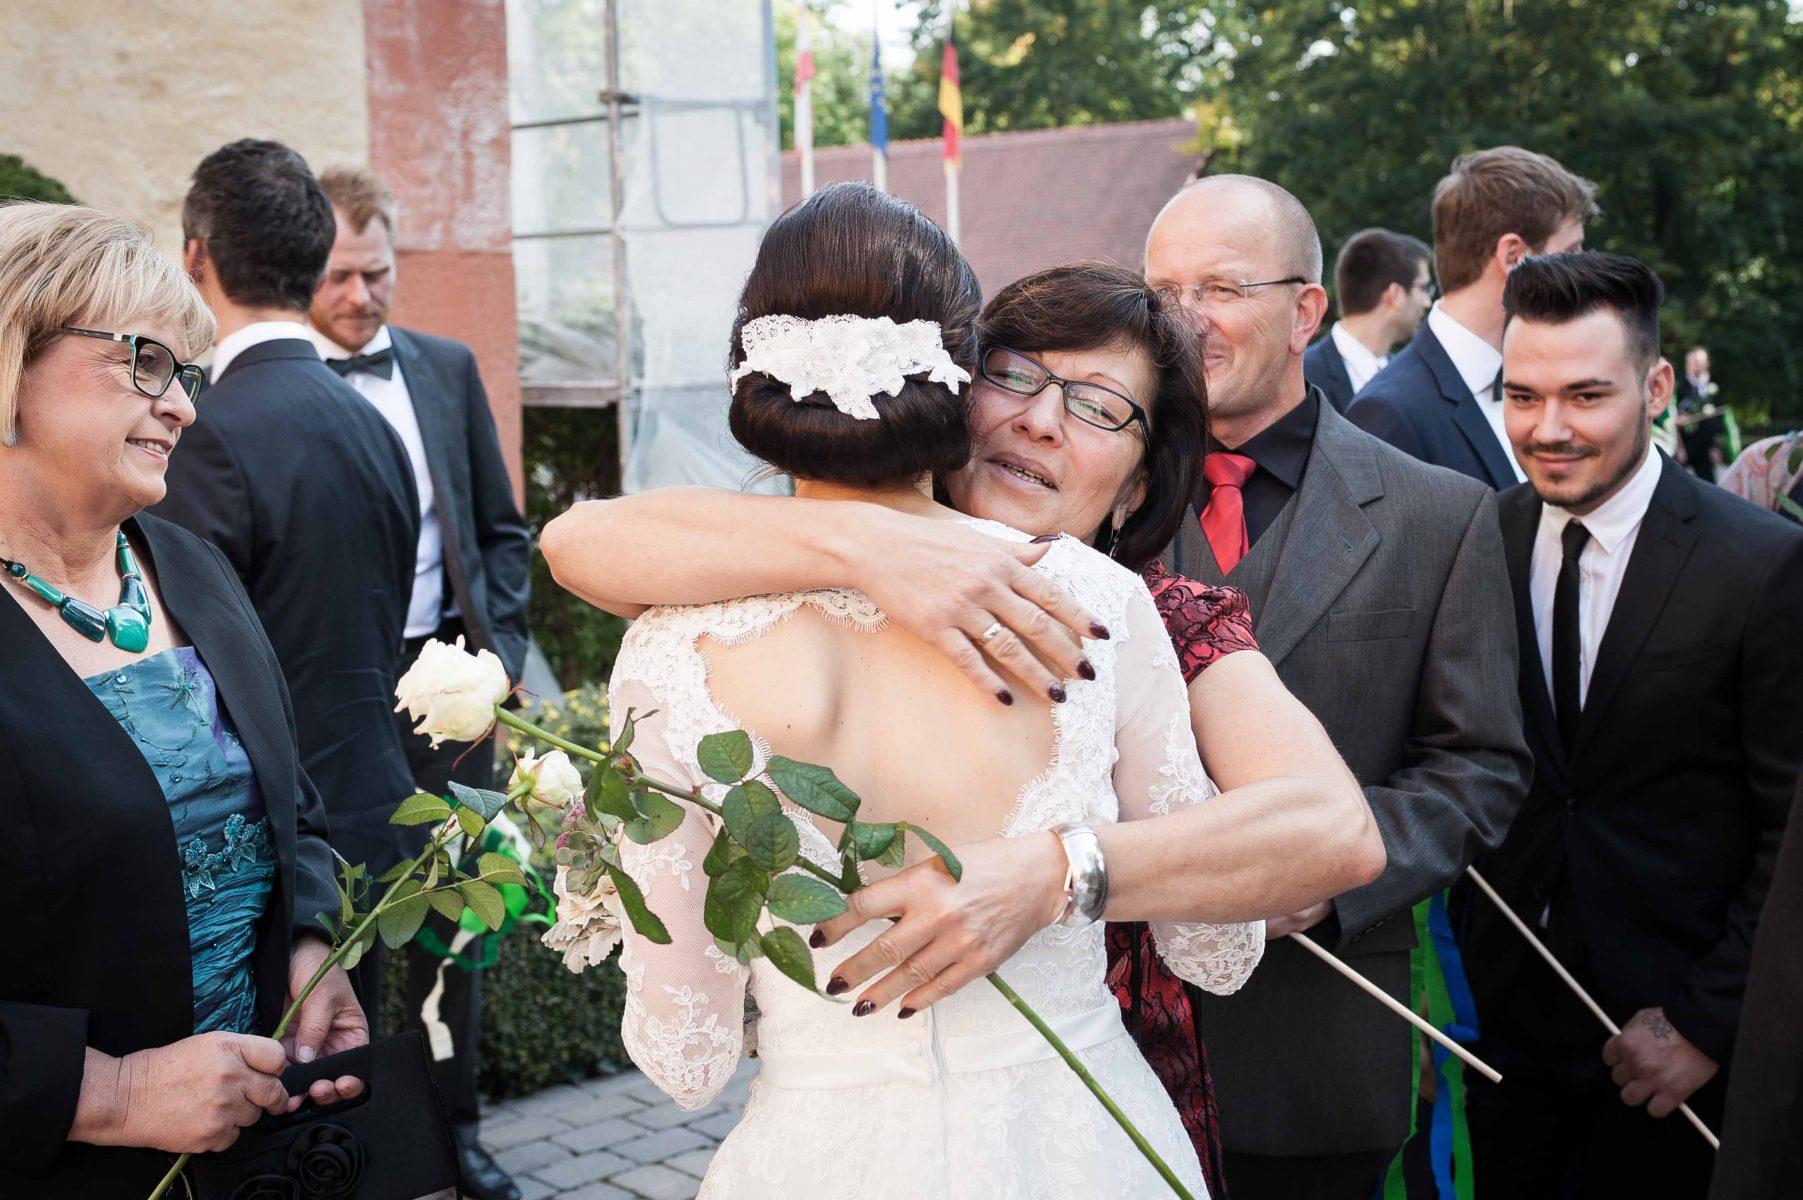 Hochzeit Gratulation B2000 221164 1803x1200 - GRATULATION & EMOTION